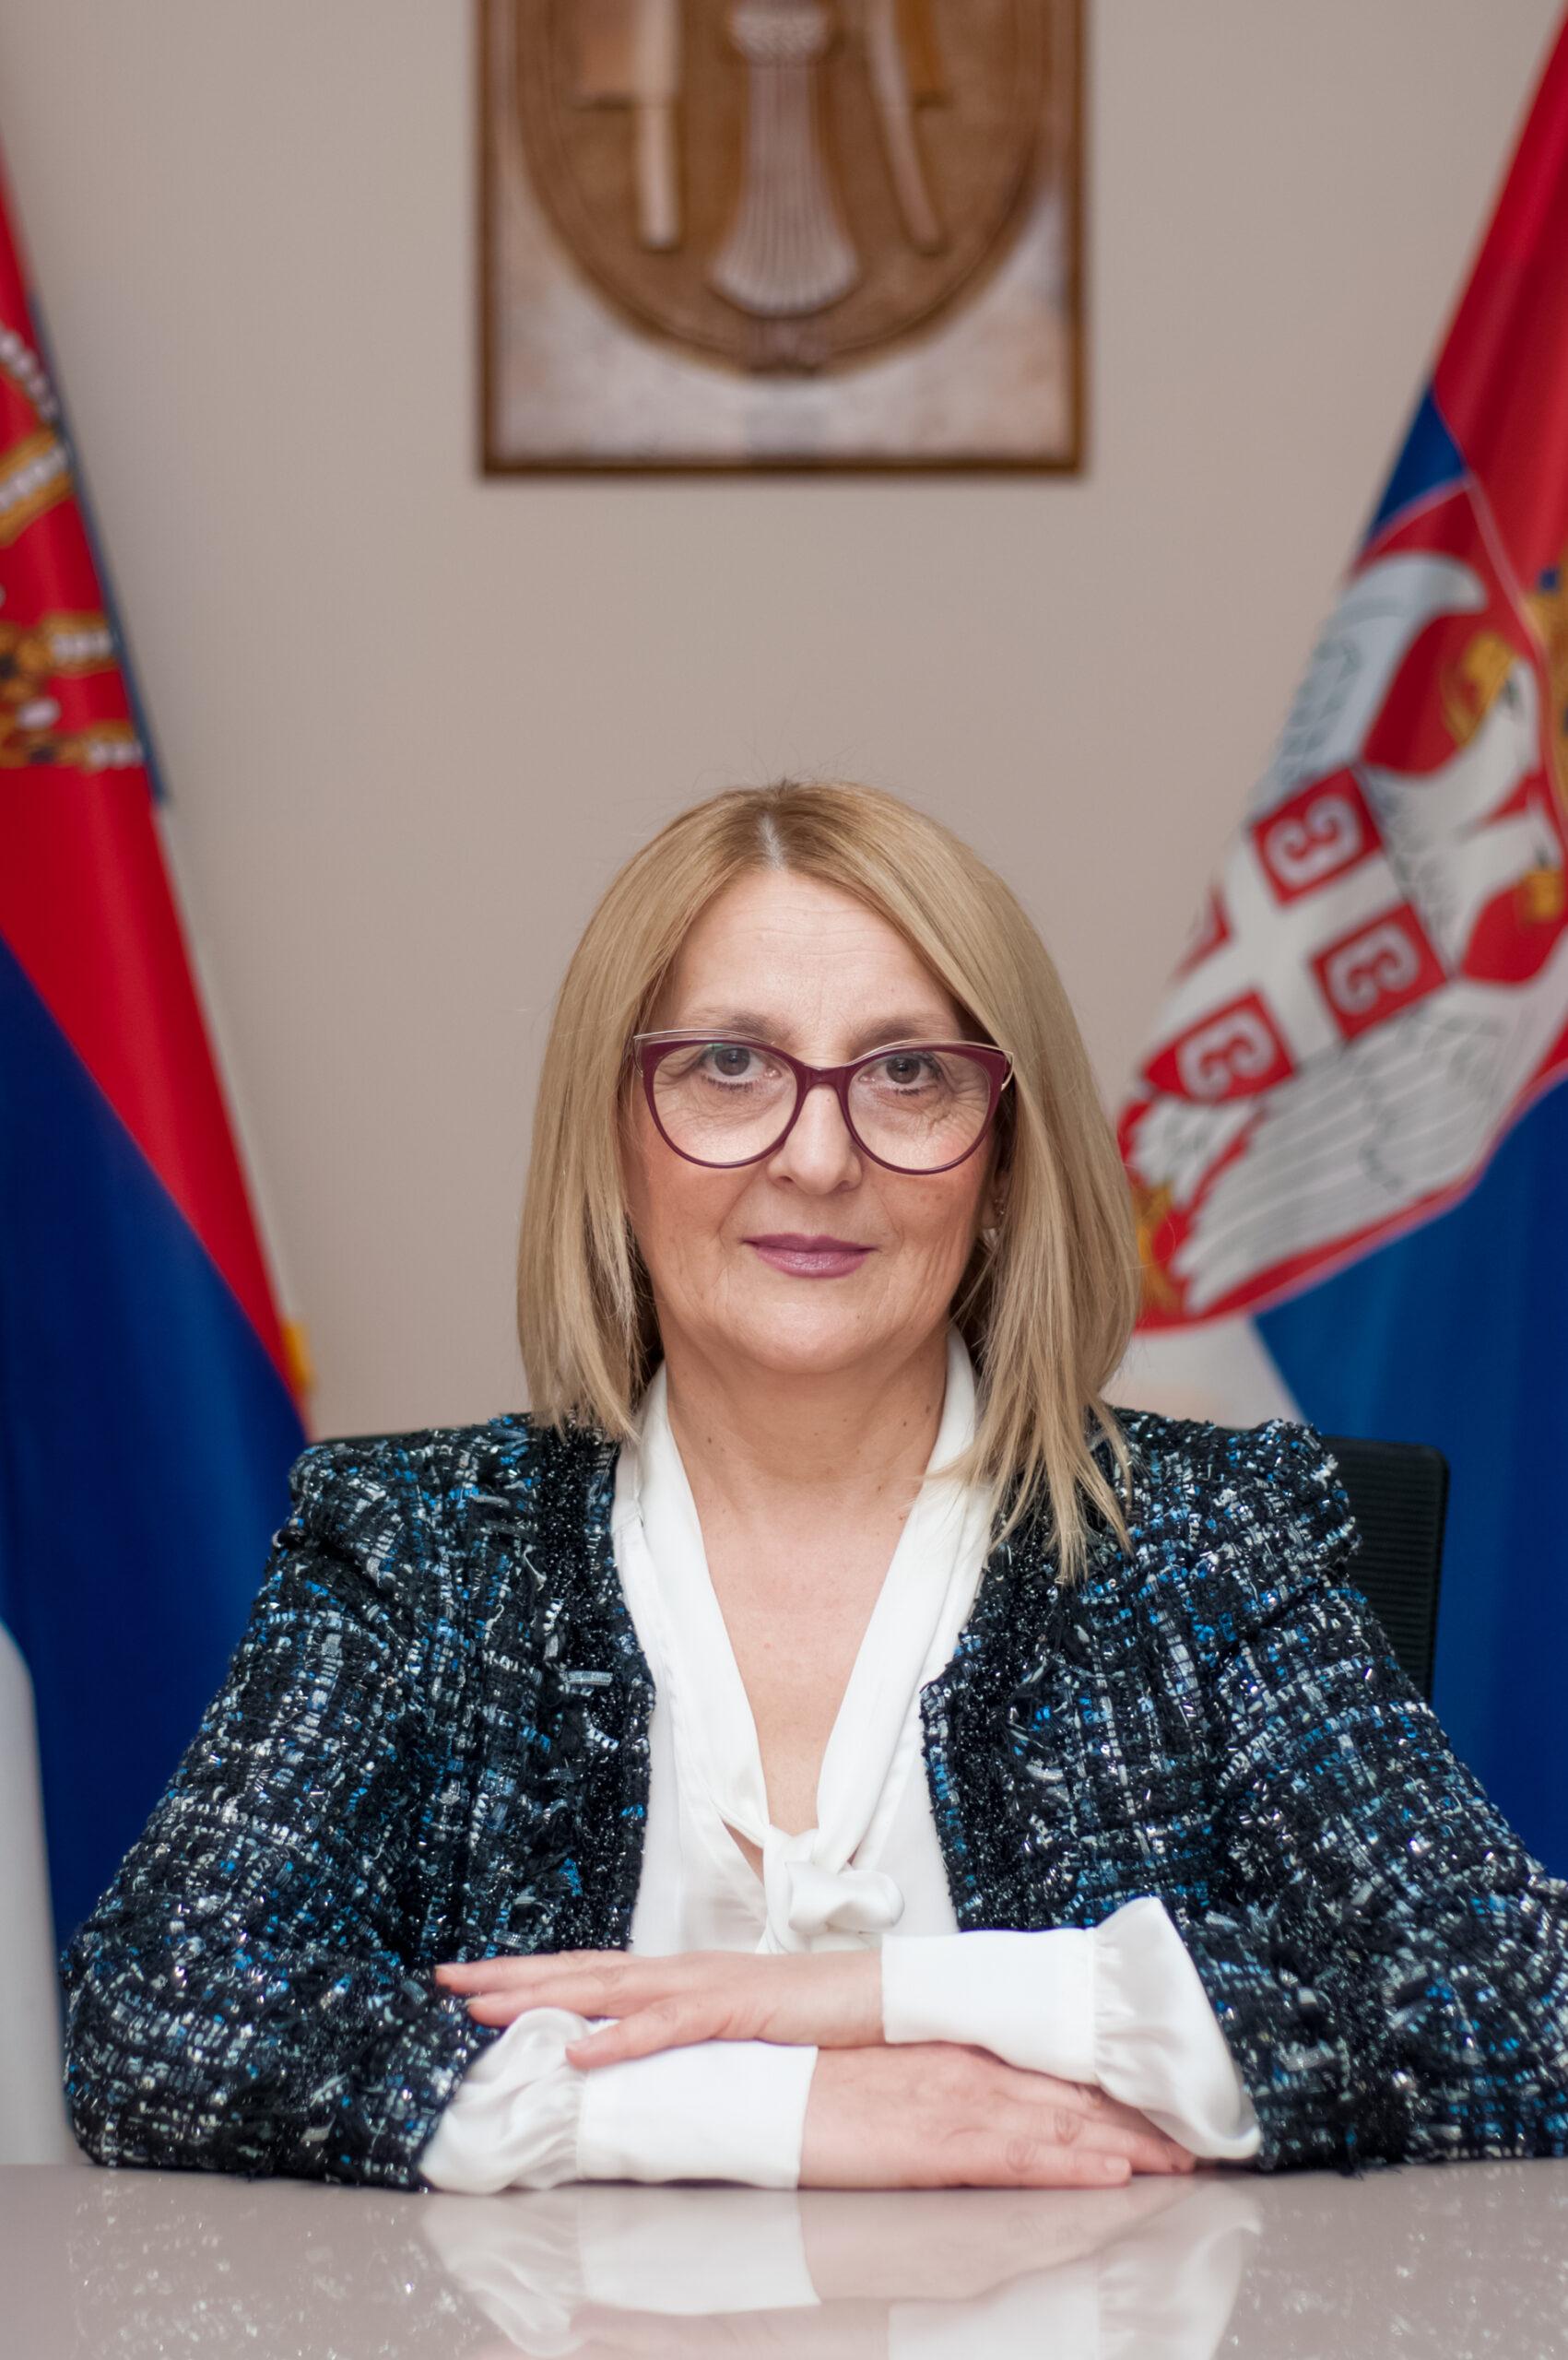 Славица Сремац